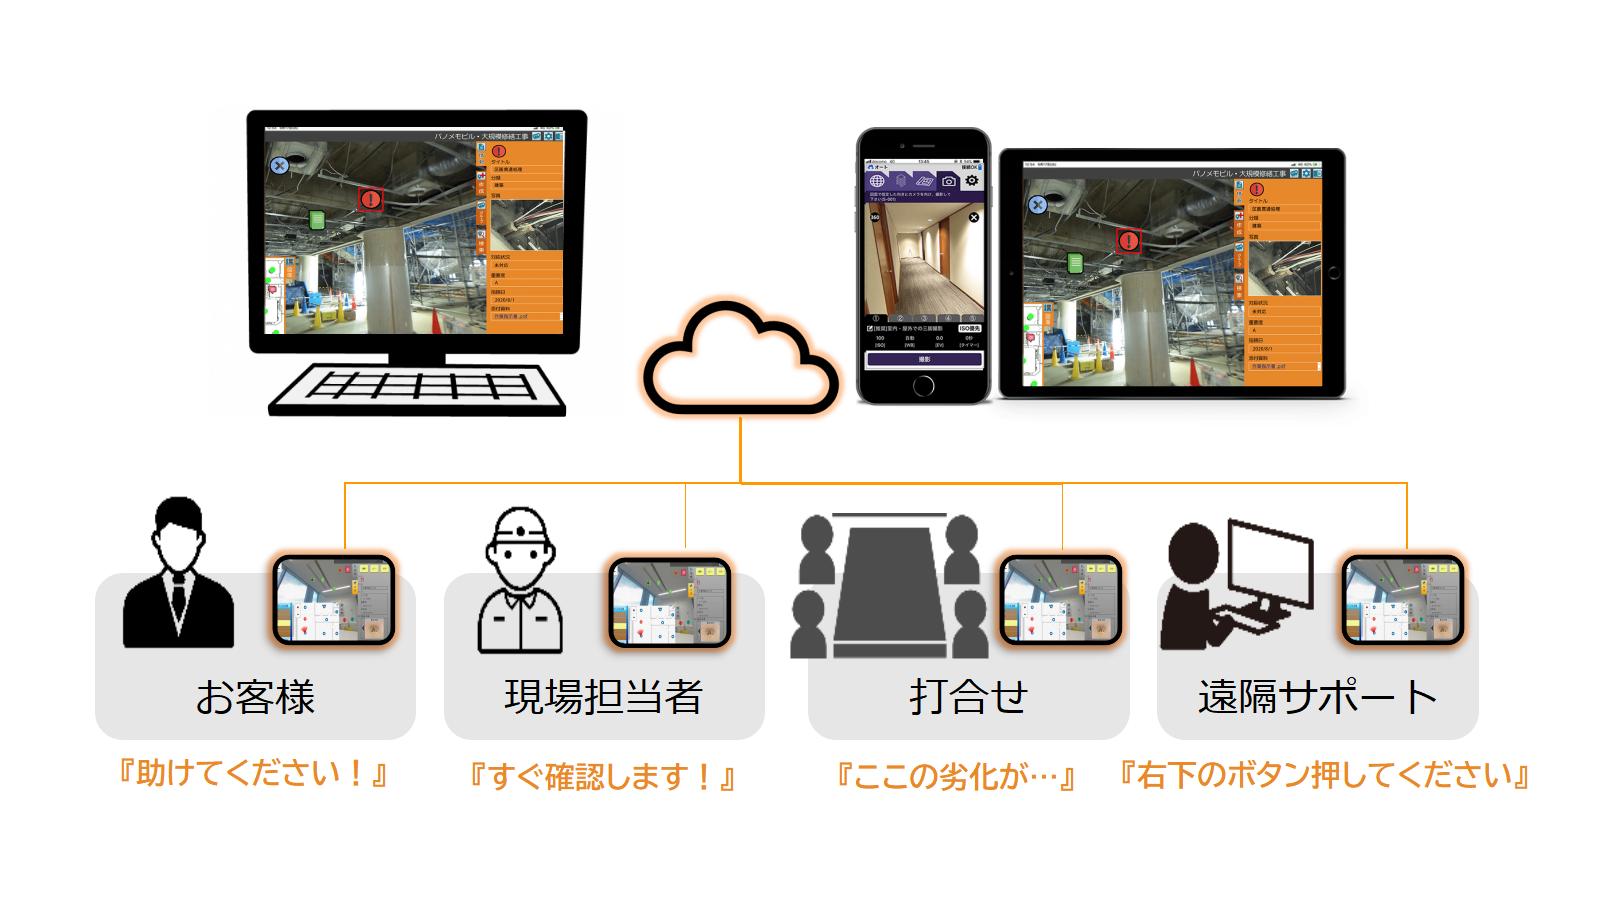 設備を遠隔からサポート,PCブラウザ,スマートフォン,タブレットからでも